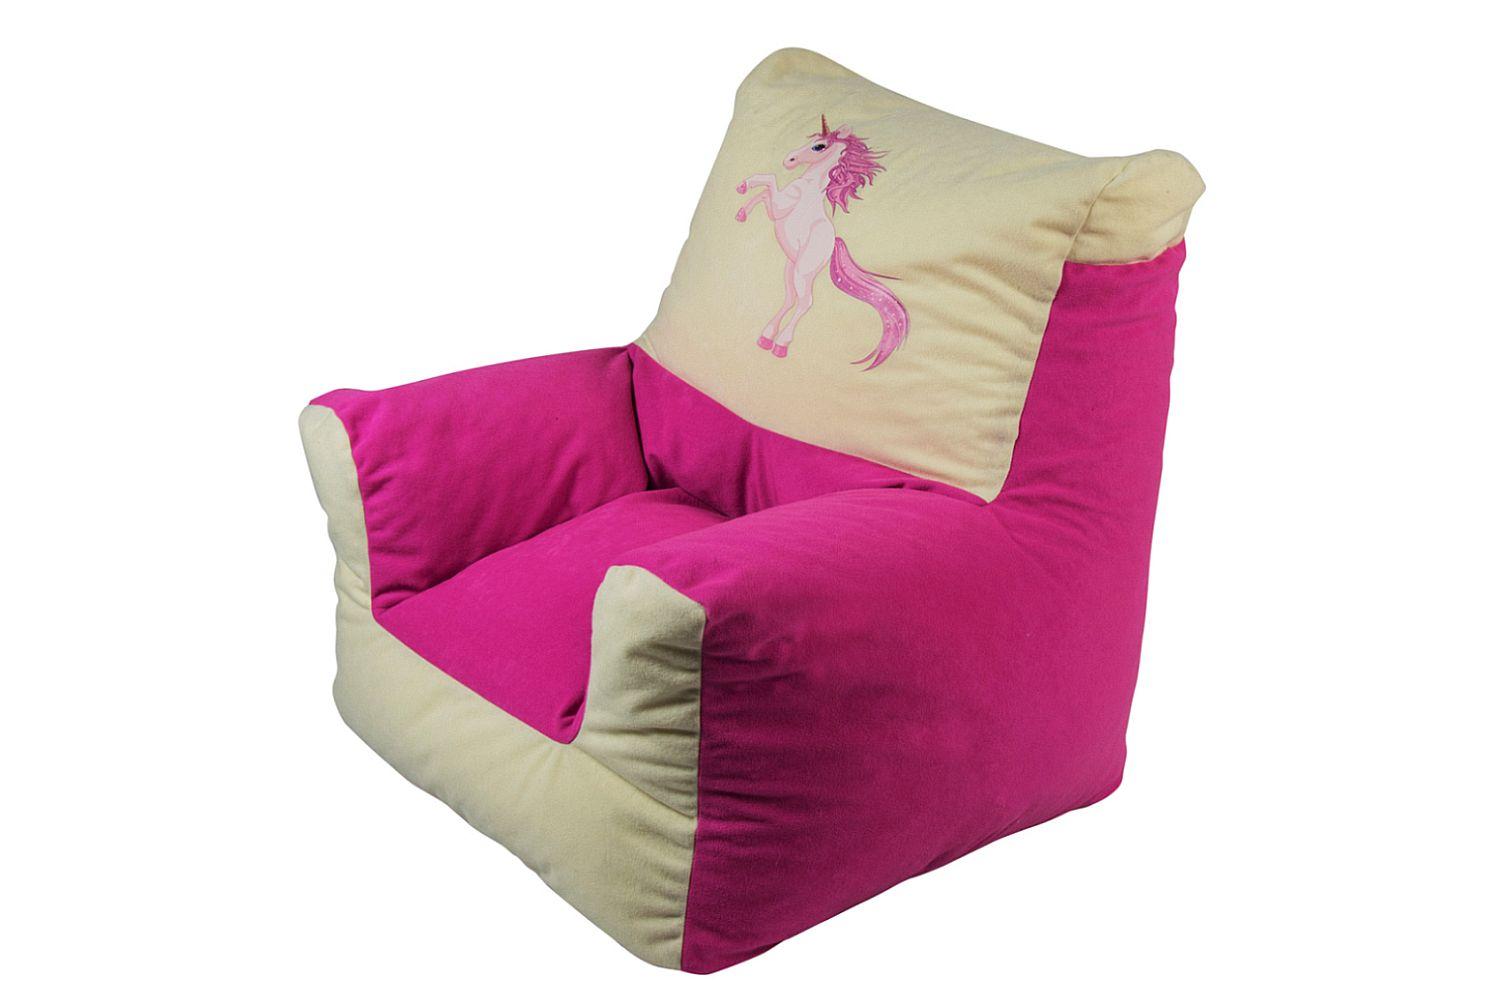 sitzs cke sitzsack kindersitzsack sessel sitzsessel kissen sitzkissen einhorn ebay. Black Bedroom Furniture Sets. Home Design Ideas